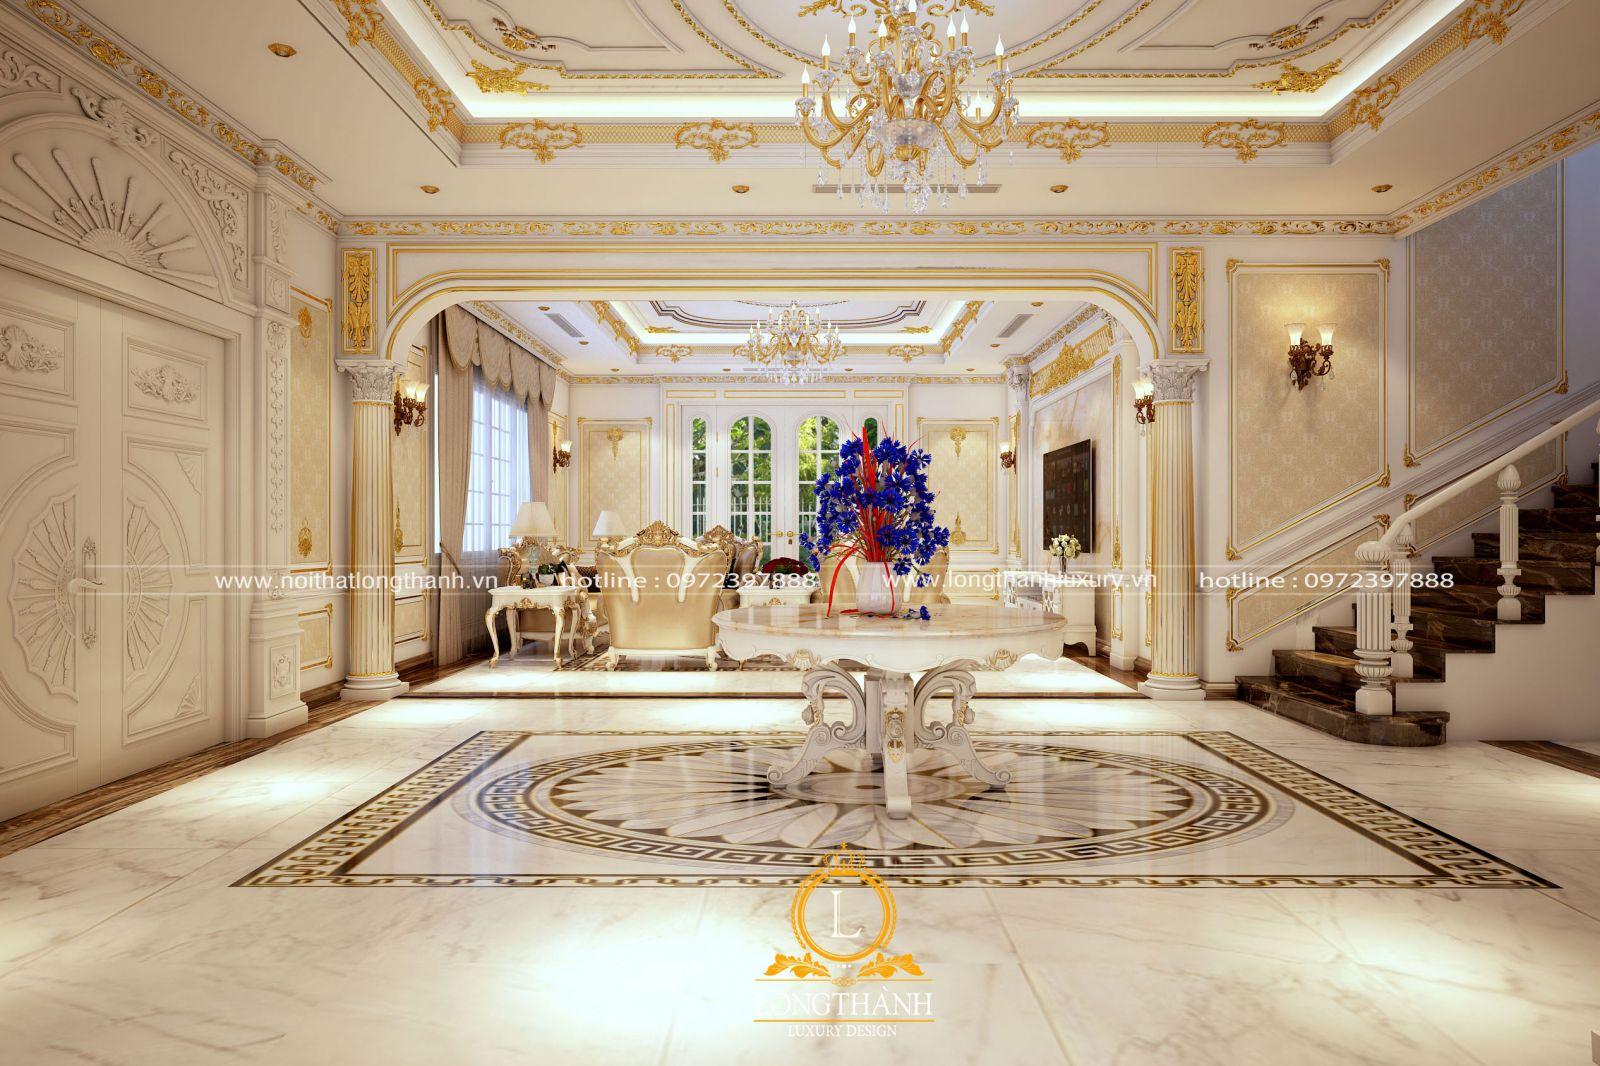 Không gian phòng khách thiết kế theo phong cách tân cổ điển Châu Âu  được sử dụng nhiều giấy dán tường